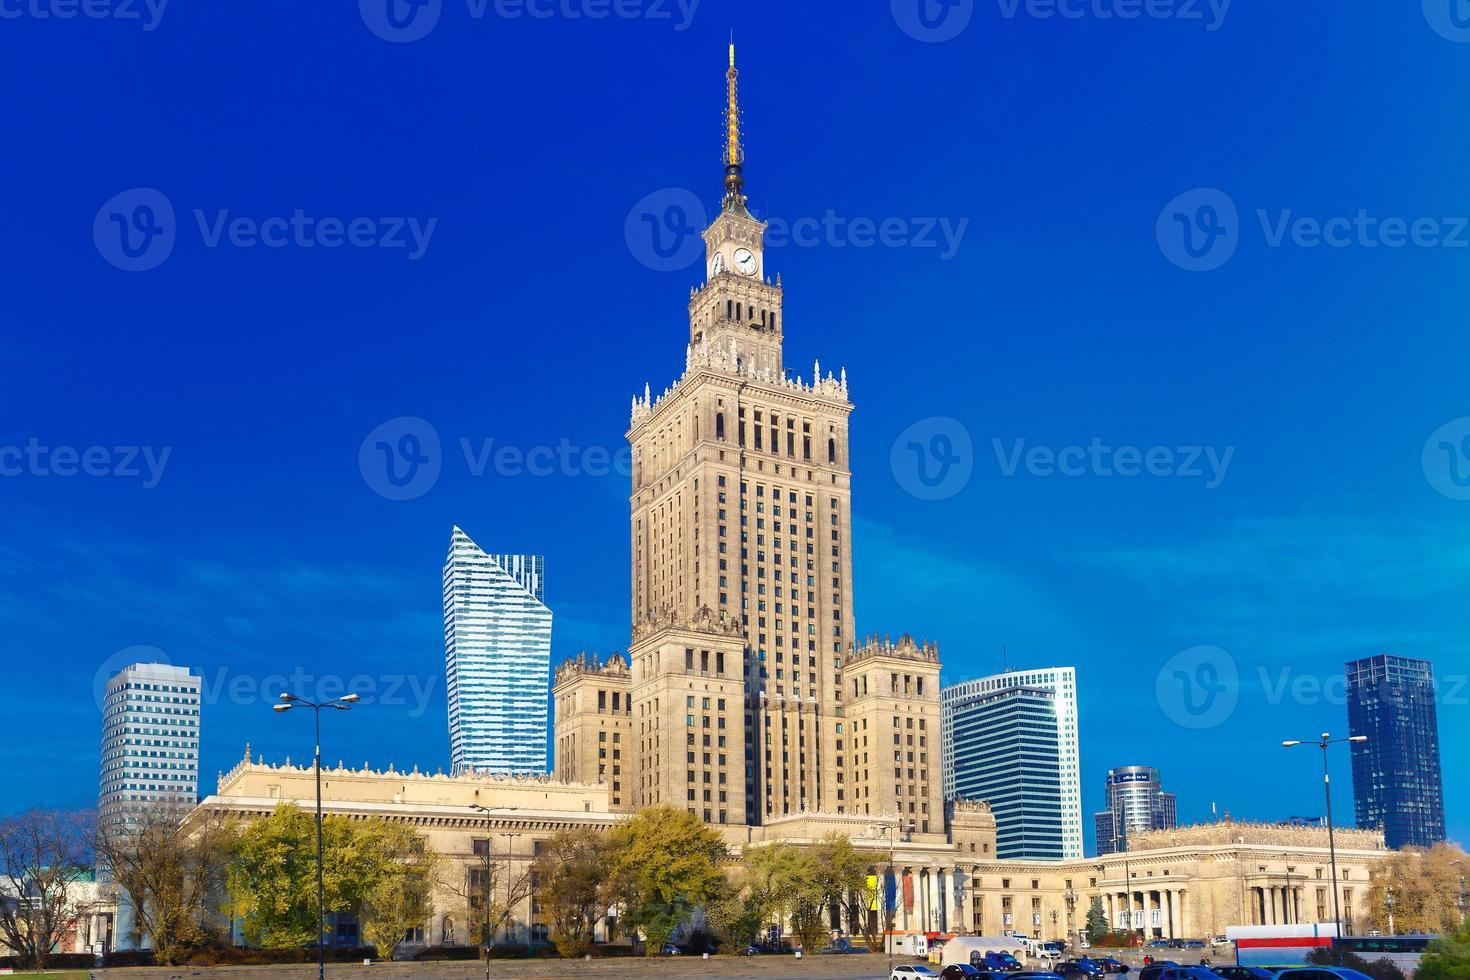 Palast der Kultur und Wissenschaft in der Innenstadt von Warschau, Polen. foto